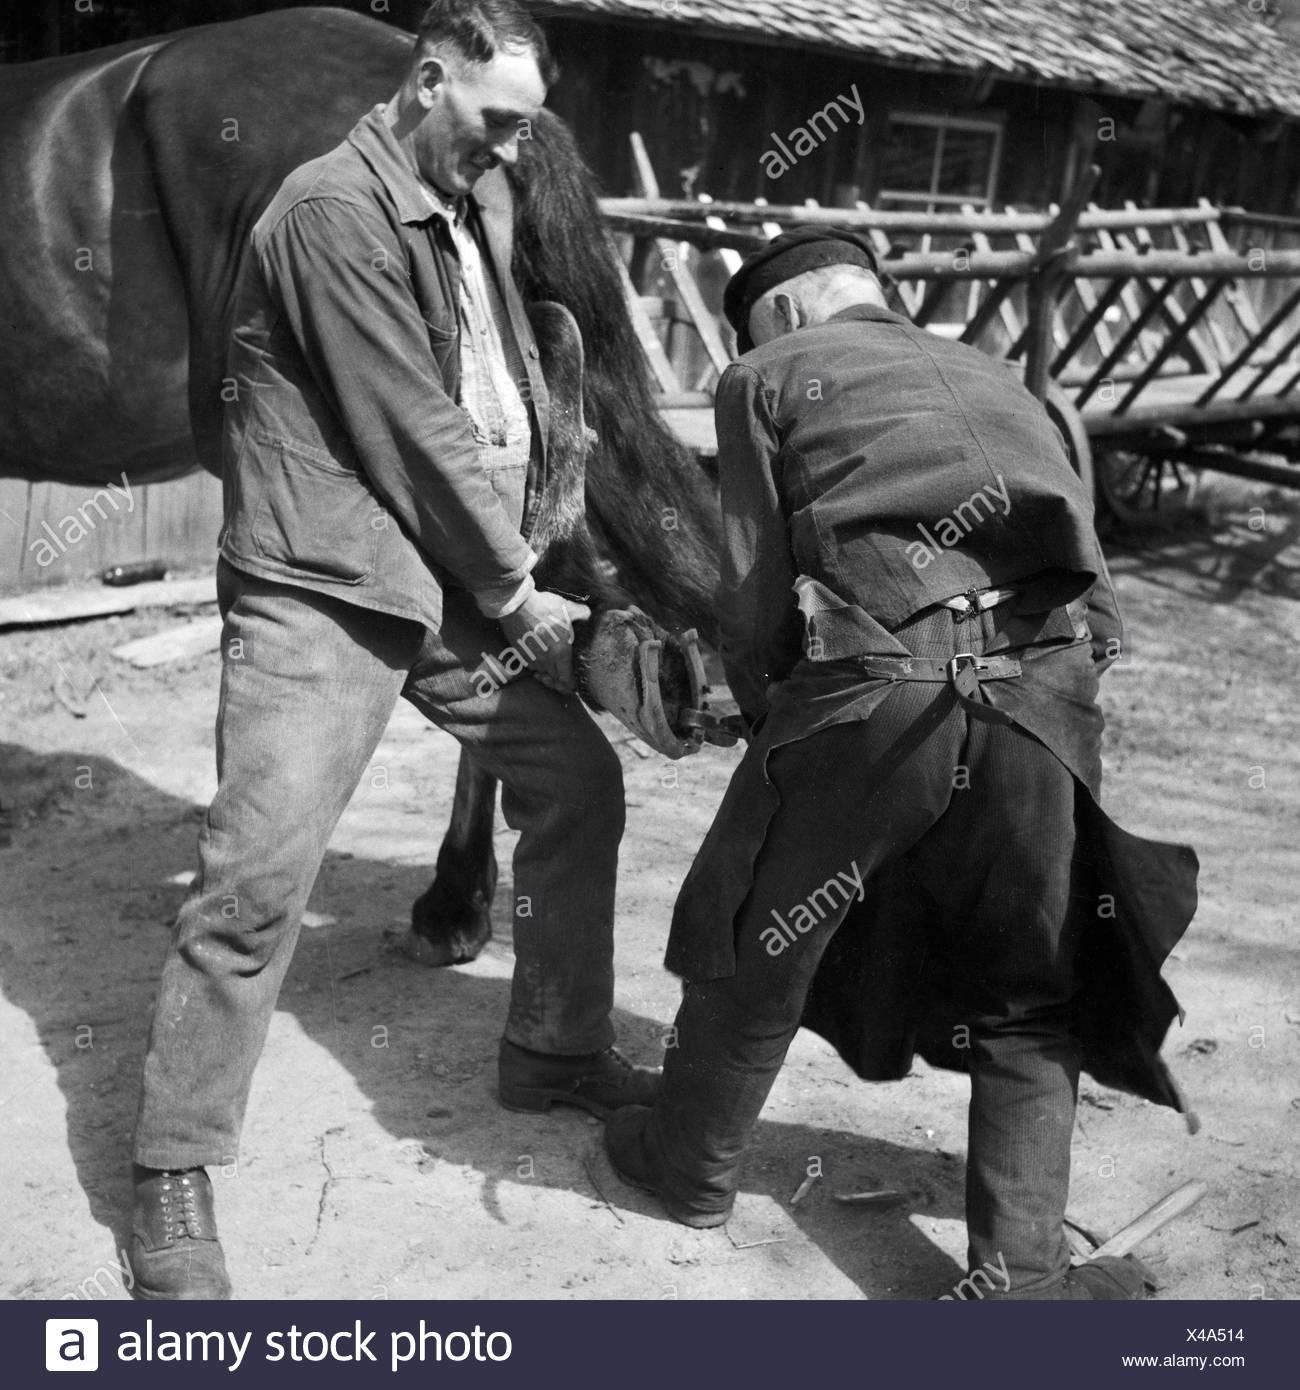 Ein Hufschmied bestückt ein Pferd mit neuen Hufeisen, Deutschland 1930er Jahre. A blacksmith putting new horseshoes on a horse, Germany 1930s. - Stock Image